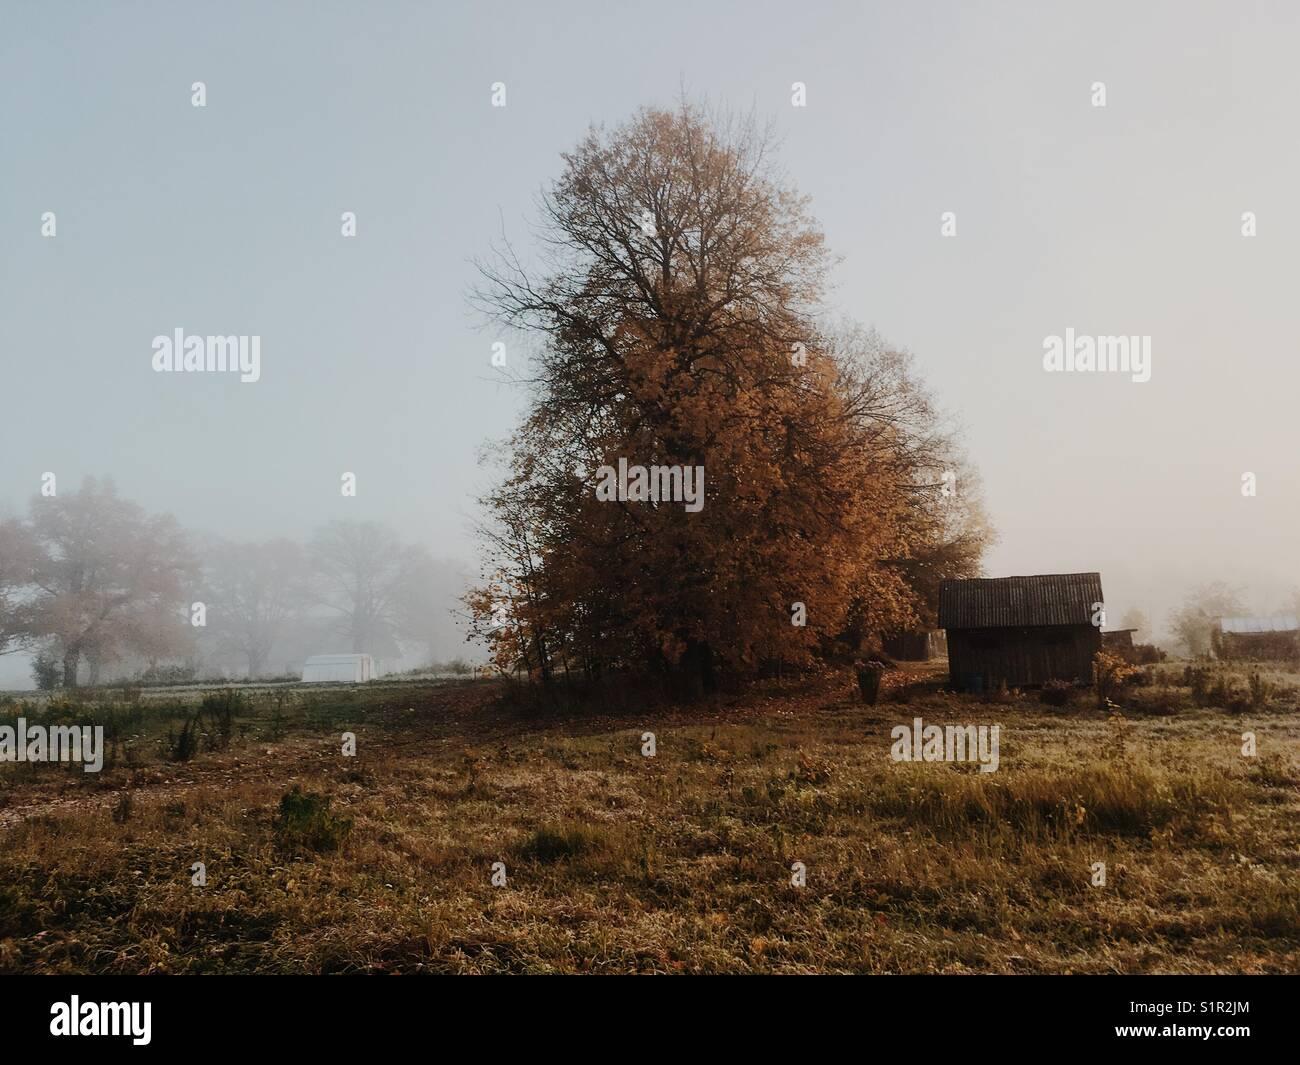 De l'automne. beau paysage brumeux. Photo Stock